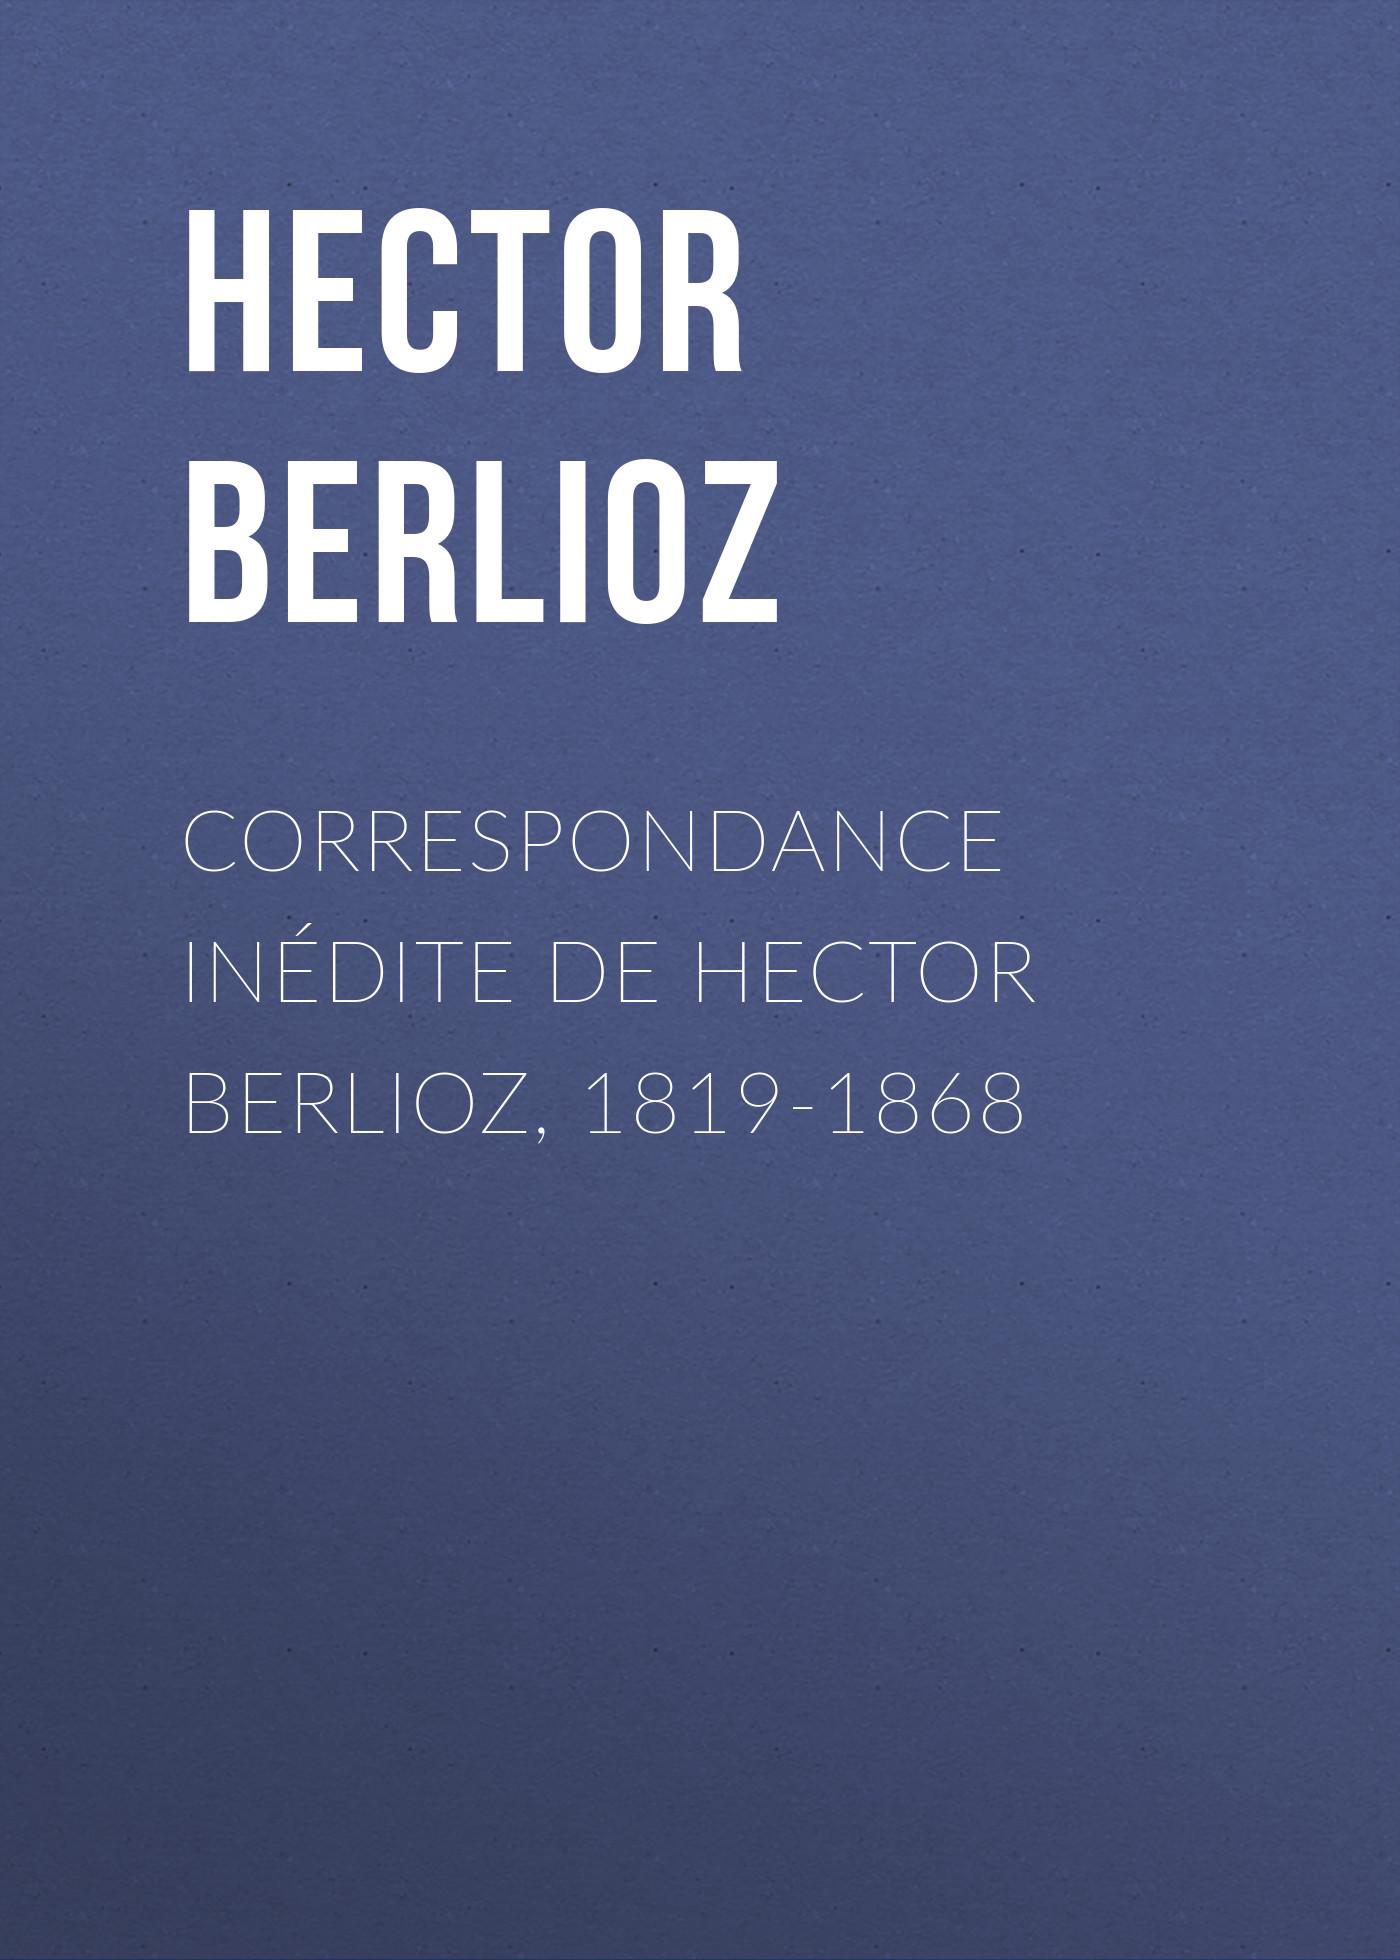 Hector Berlioz Correspondance inédite de Hector Berlioz, 1819-1868 happy hector page 4